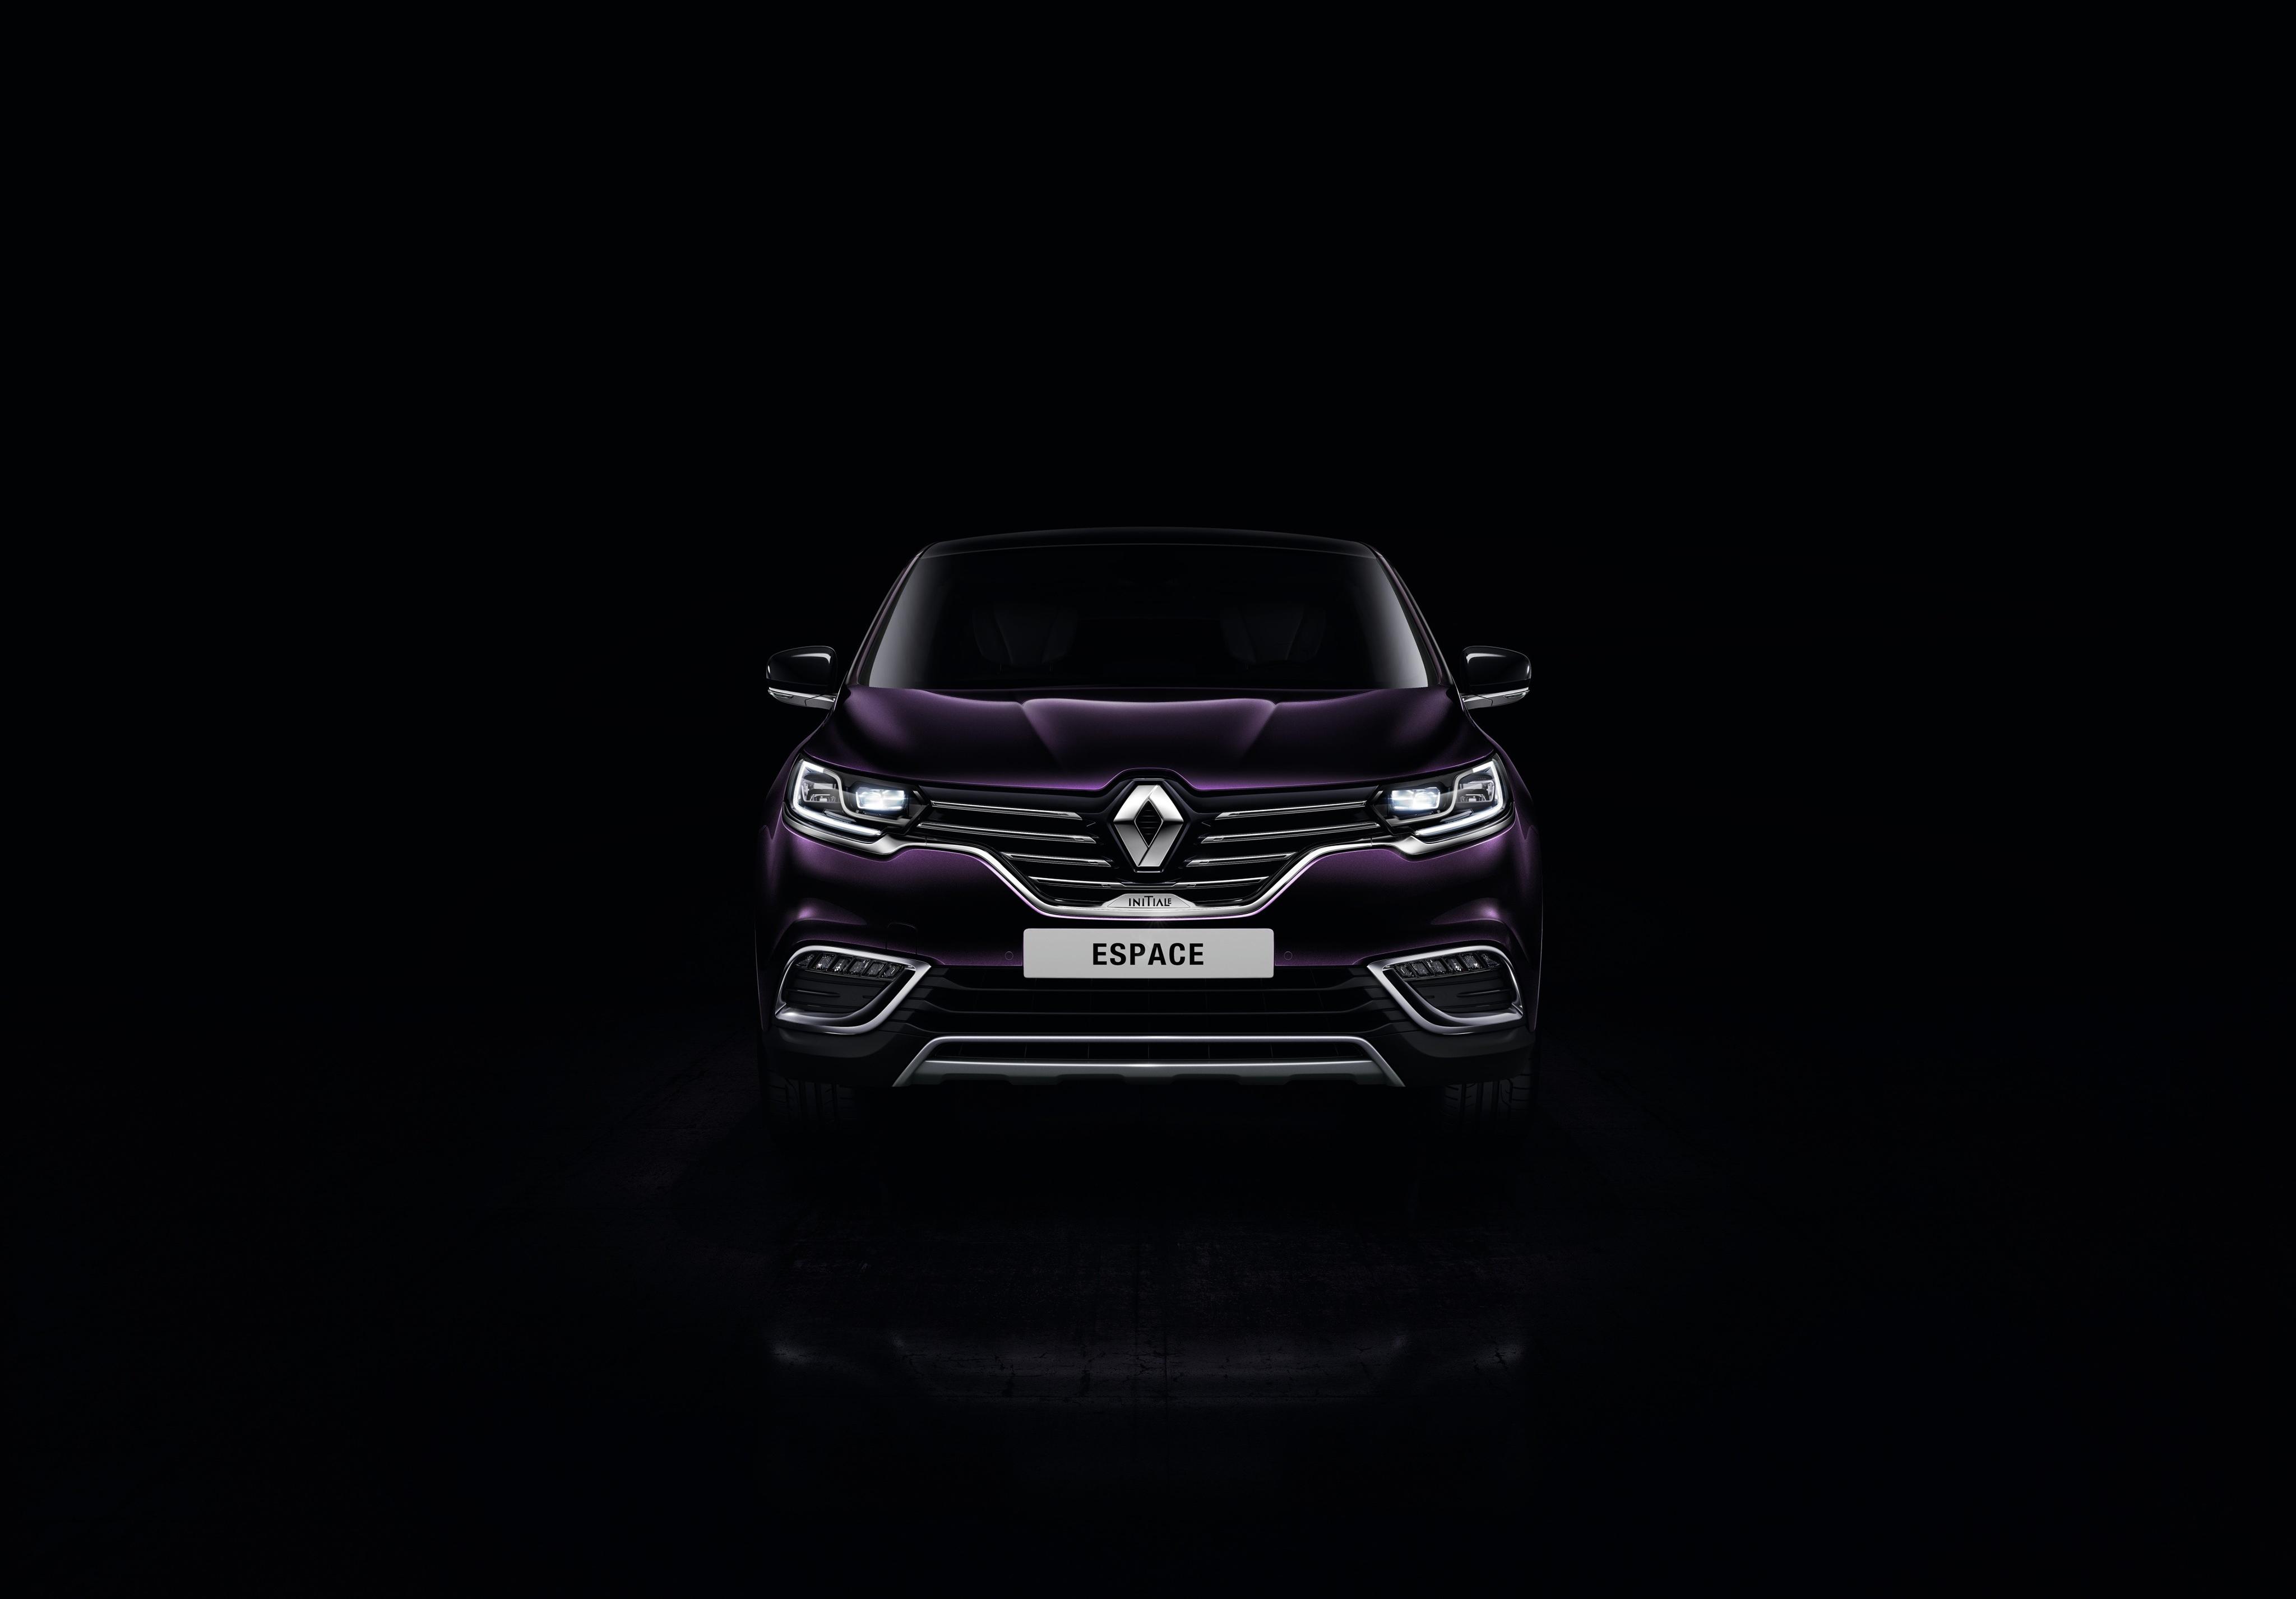 Renault Espace 2015 - Initiale Paris - avant / front